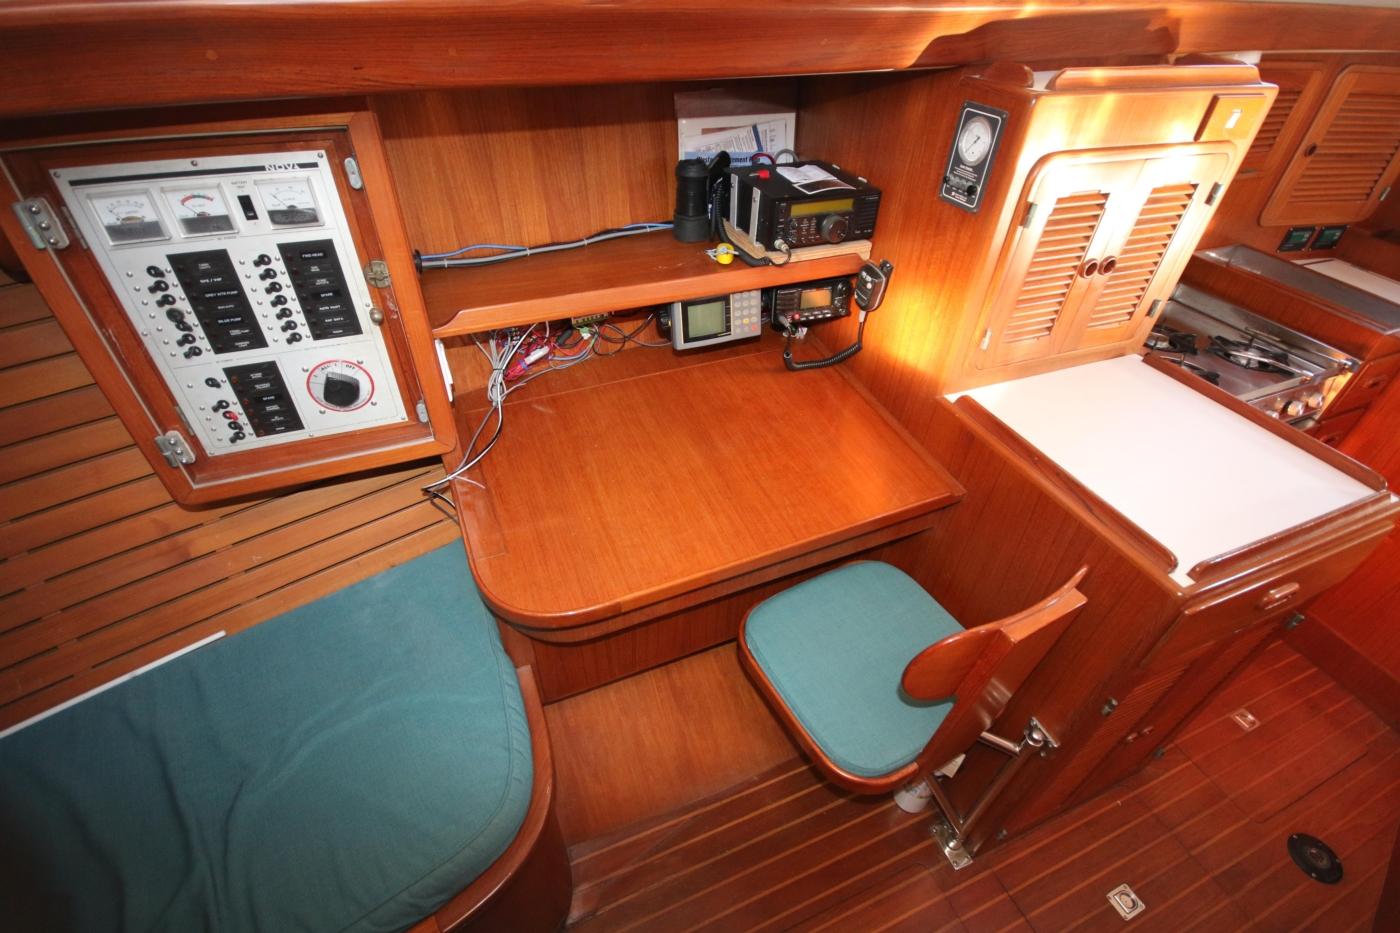 1996 Tanton 45 Offshore, Nav Table